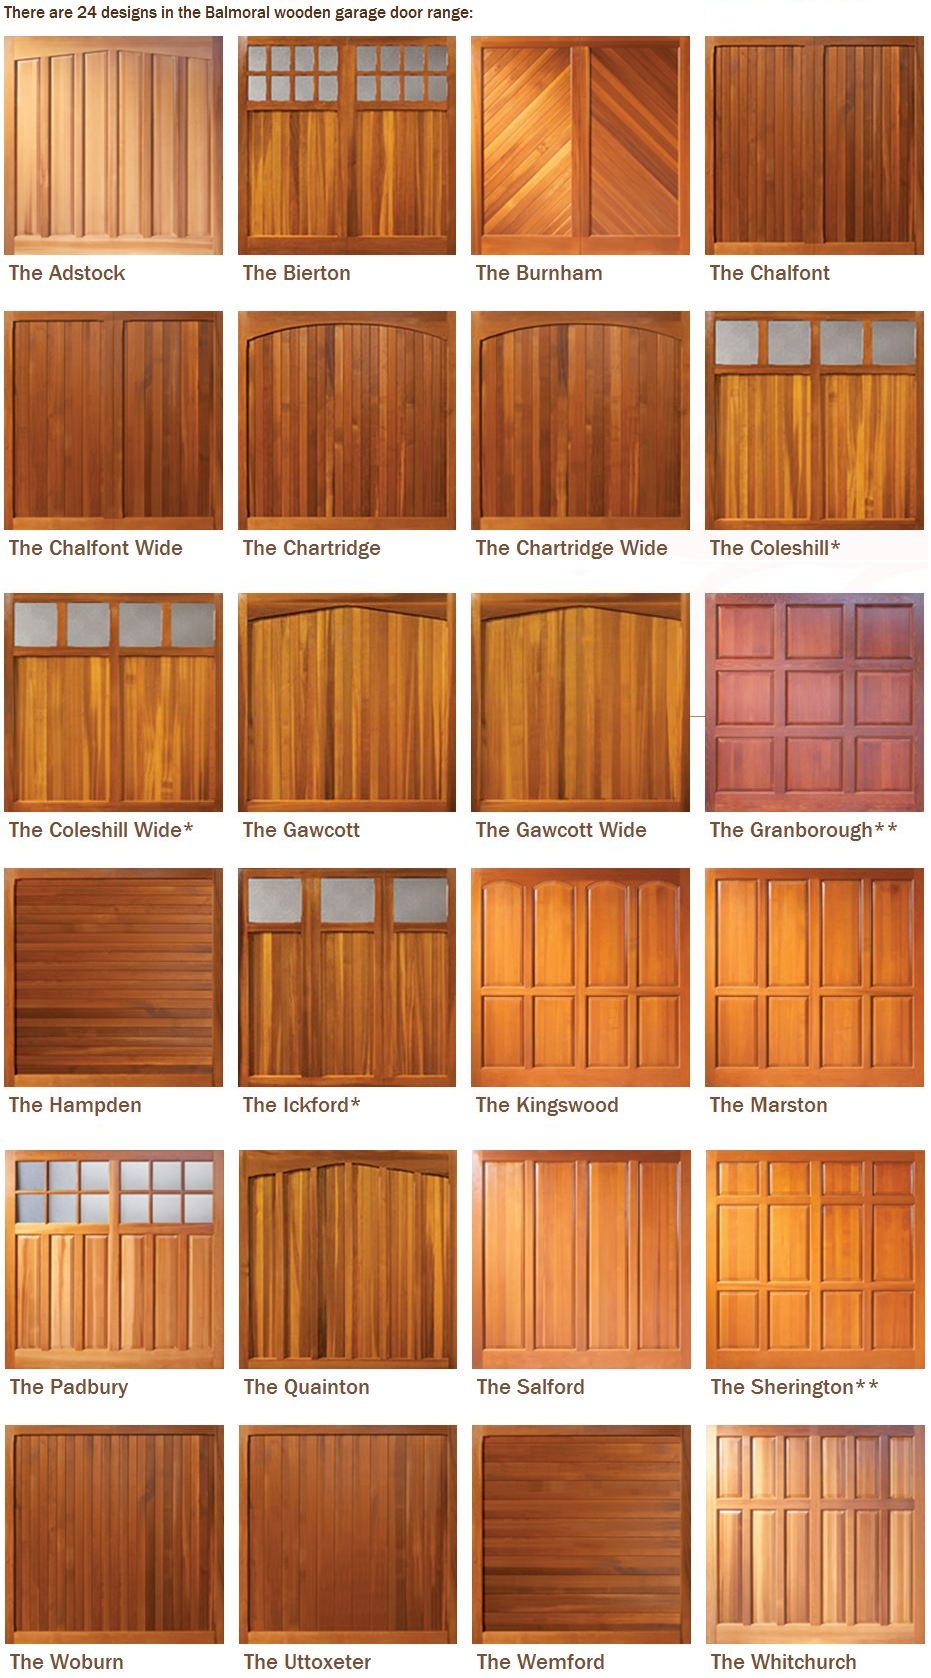 Woodrite Balmoral Up Amp Over Wooden Garage Doors